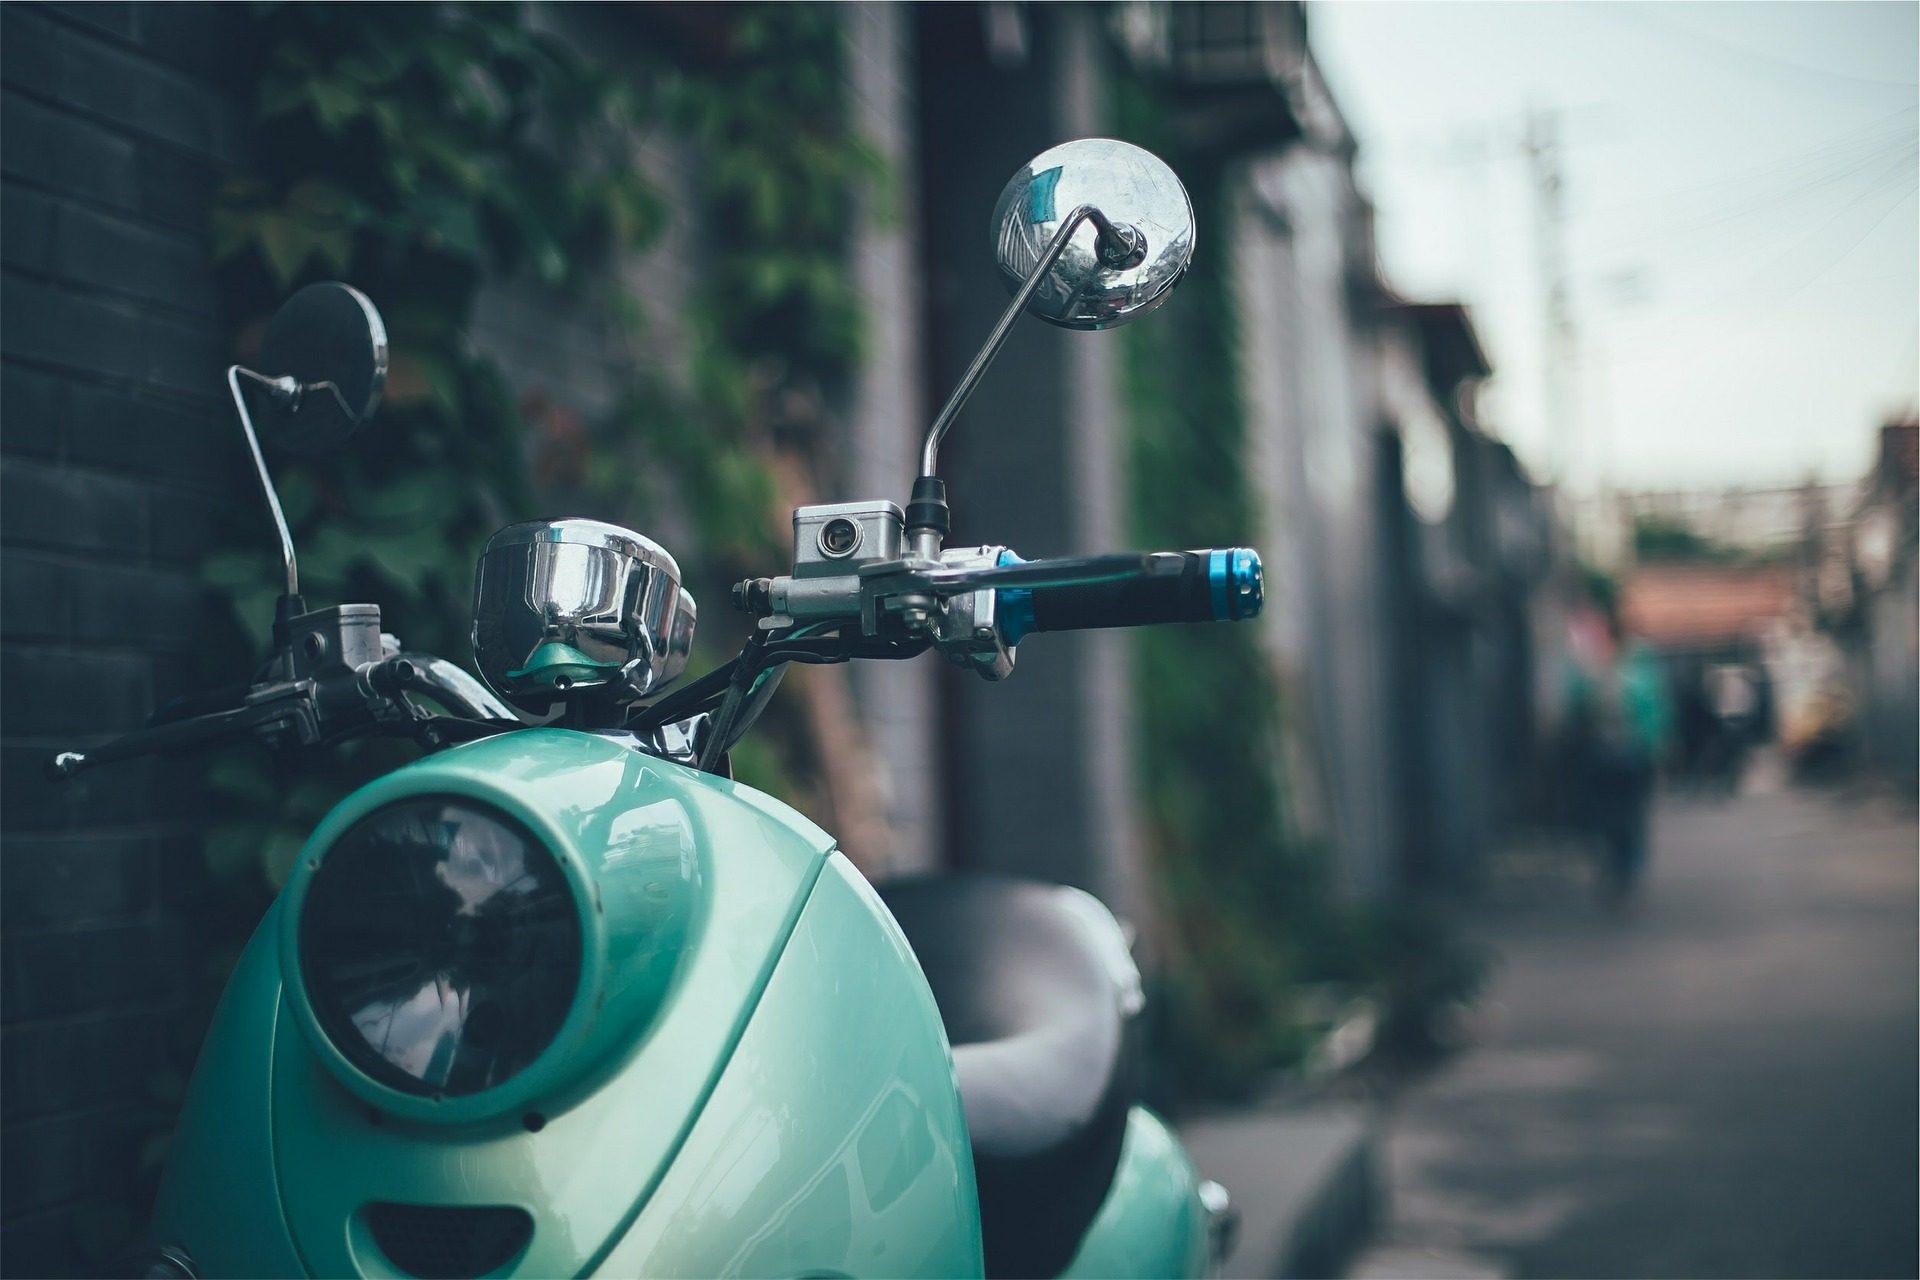 """moto, """"Trotinette"""", vintage, espelhos retrovisores, estacionado - Papéis de parede HD - Professor-falken.com"""